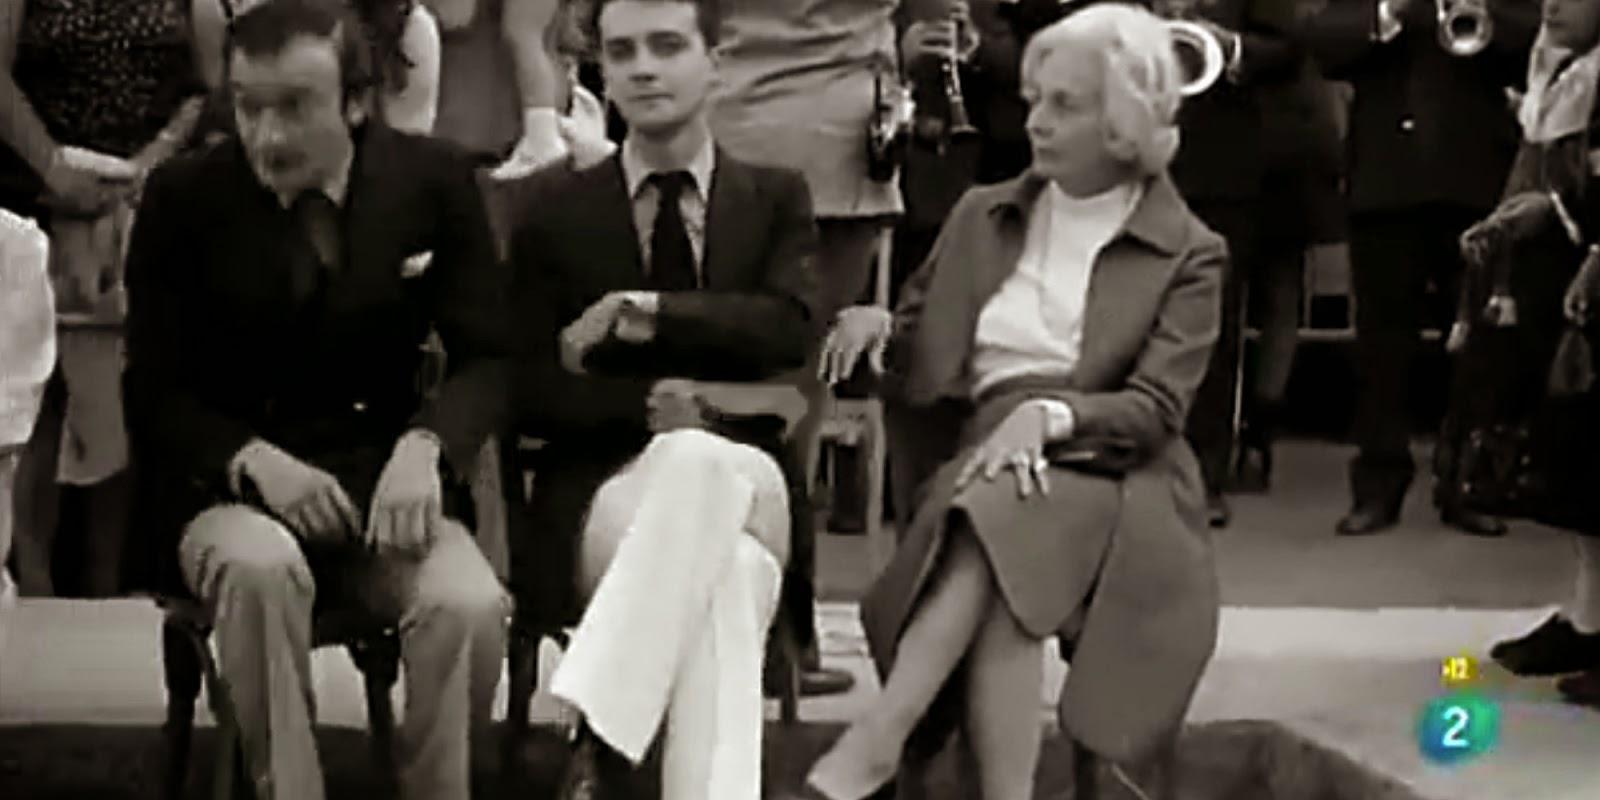 Desde la izquierda, Juan Luis y Michi Panero y Felicidad Blanc. Los hermanos y la madre de Leopoldo María Panero